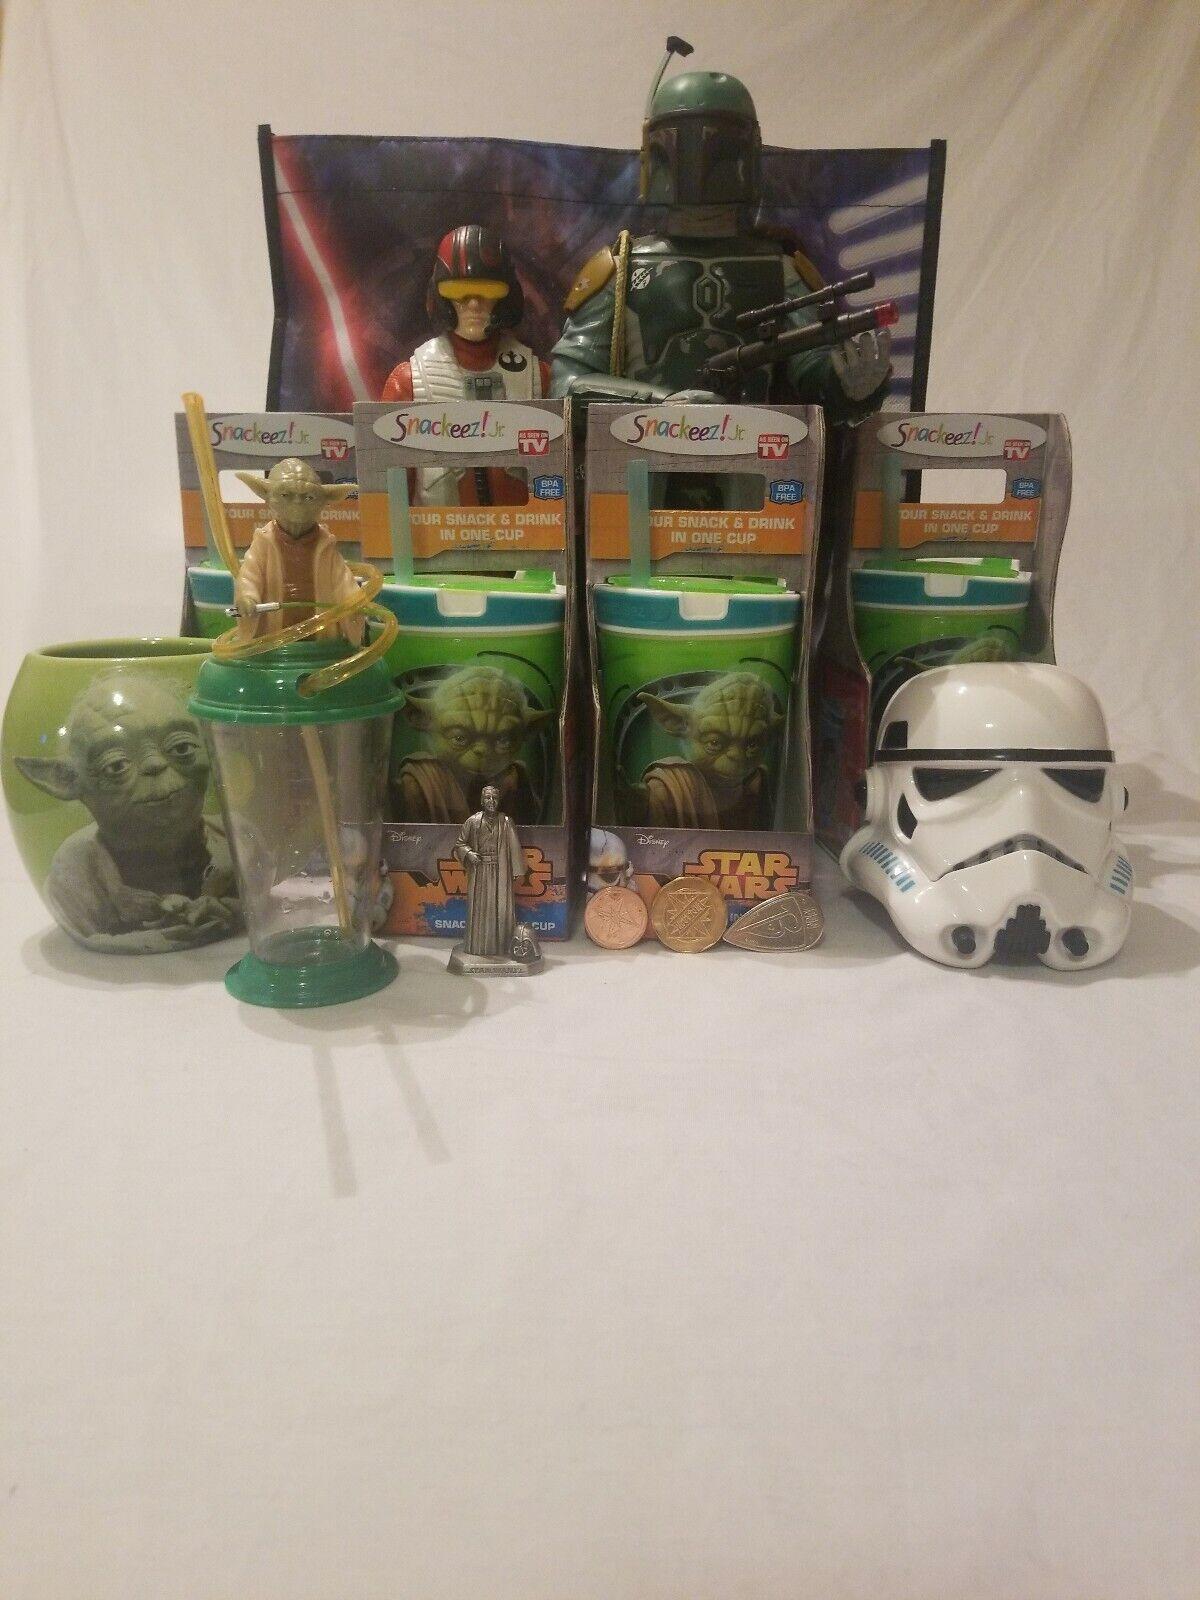 Star Wars Lot Yoda Skywalker StormTrooper Boba Fett Darth Vader Poe Dameron